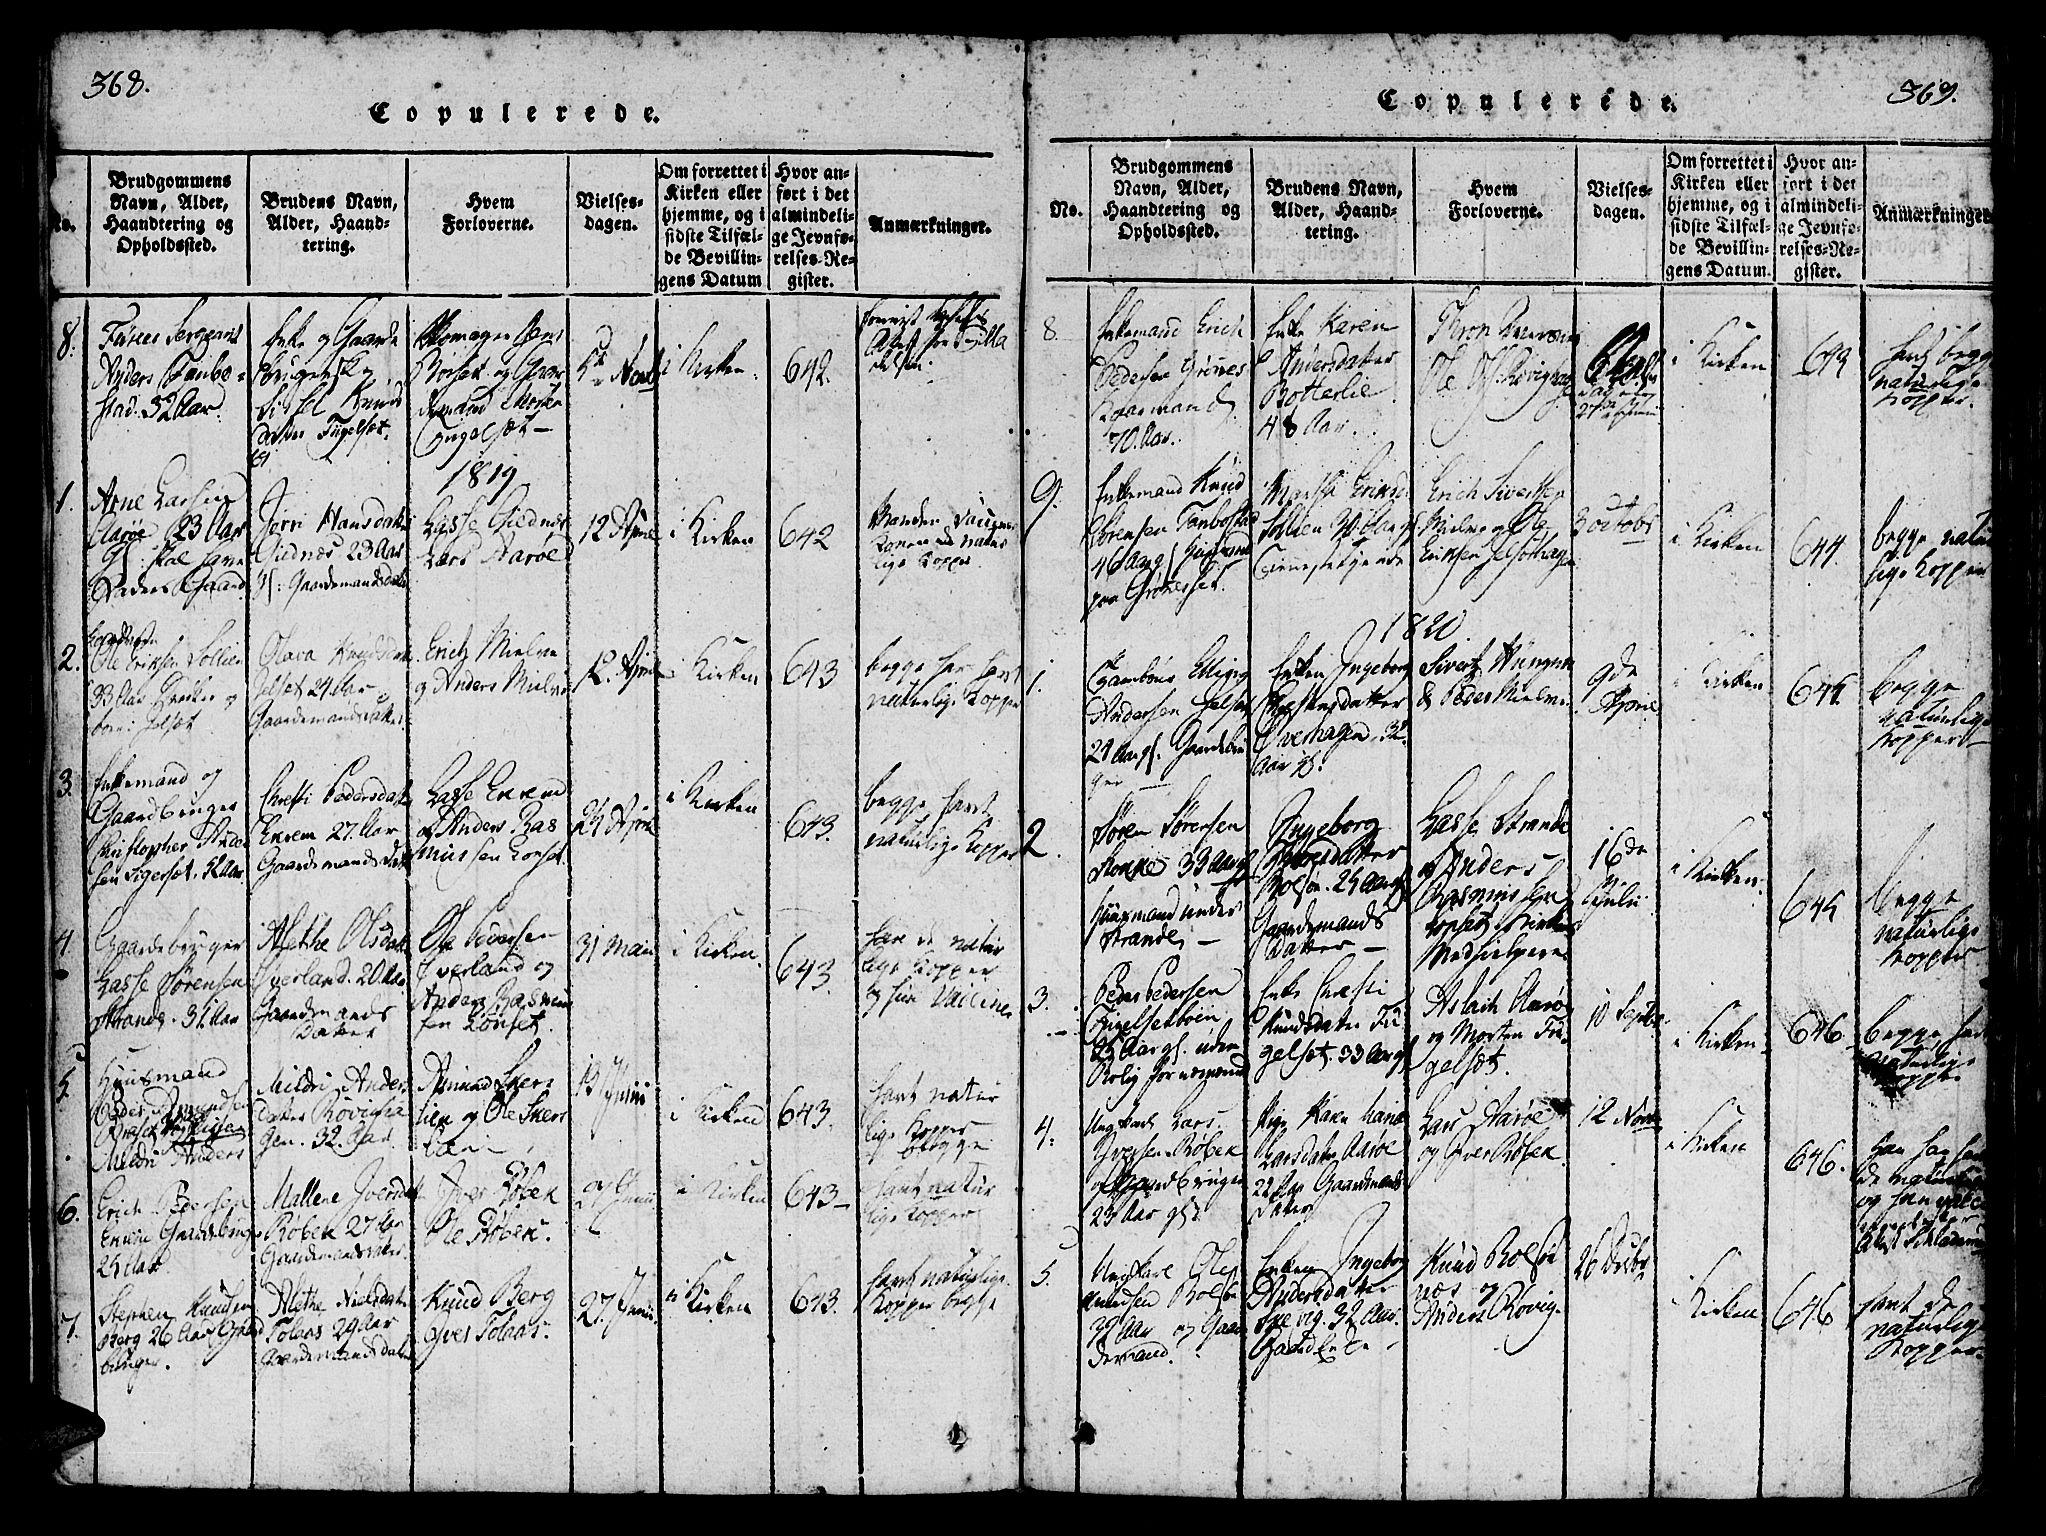 SAT, Ministerialprotokoller, klokkerbøker og fødselsregistre - Møre og Romsdal, 555/L0652: Parish register (official) no. 555A03, 1817-1843, p. 368-369